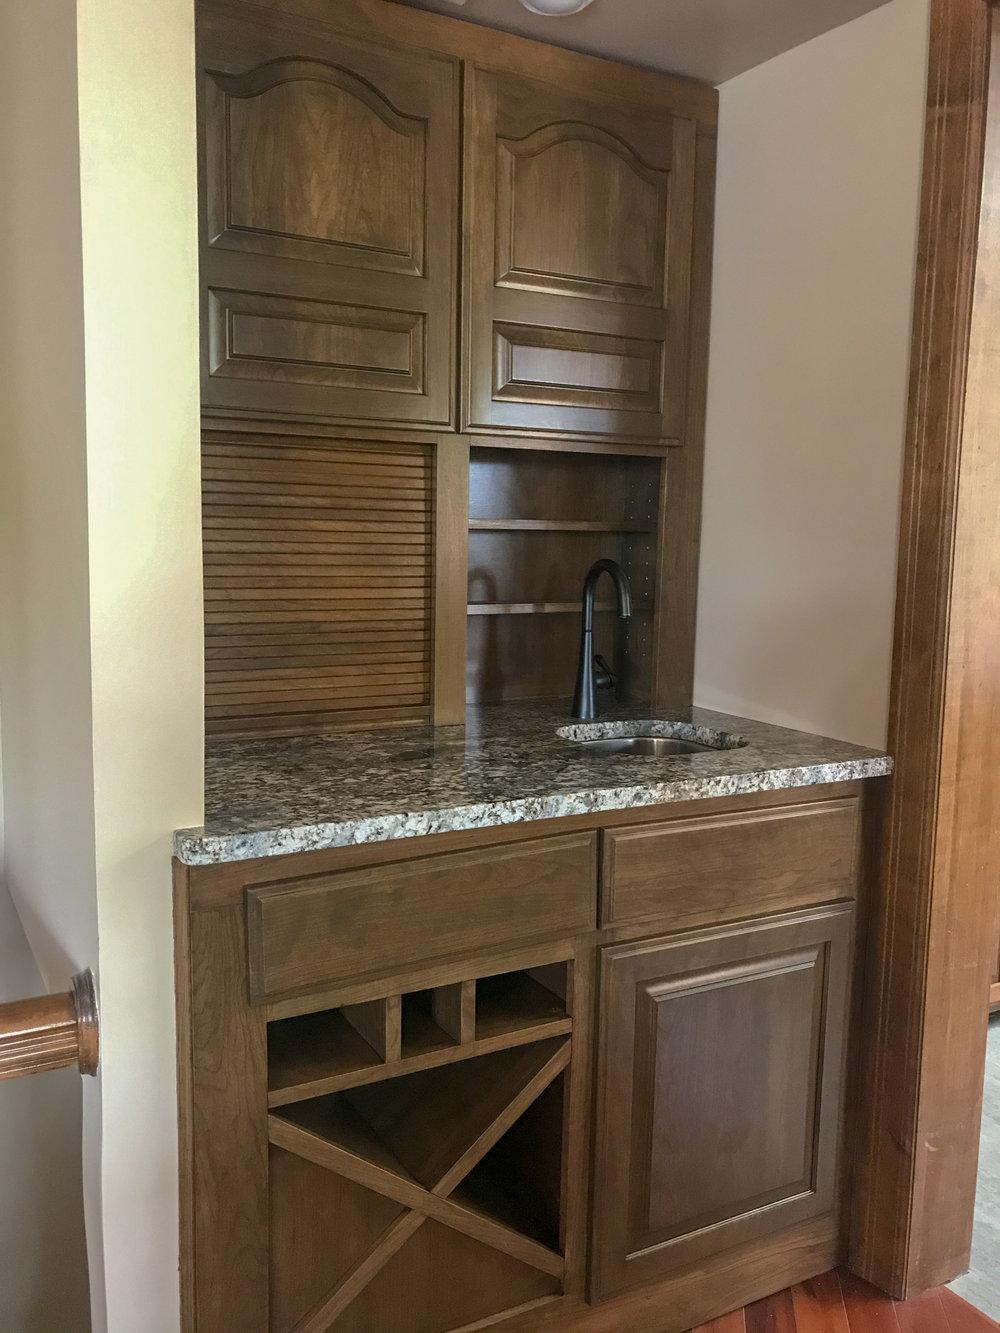 Kitchen, Remodel, Wooden, Kitchen Design, Cabinets, Dura Supreme, Dura Supreme Dealer, Remodeler, Remodels, Remodeling.